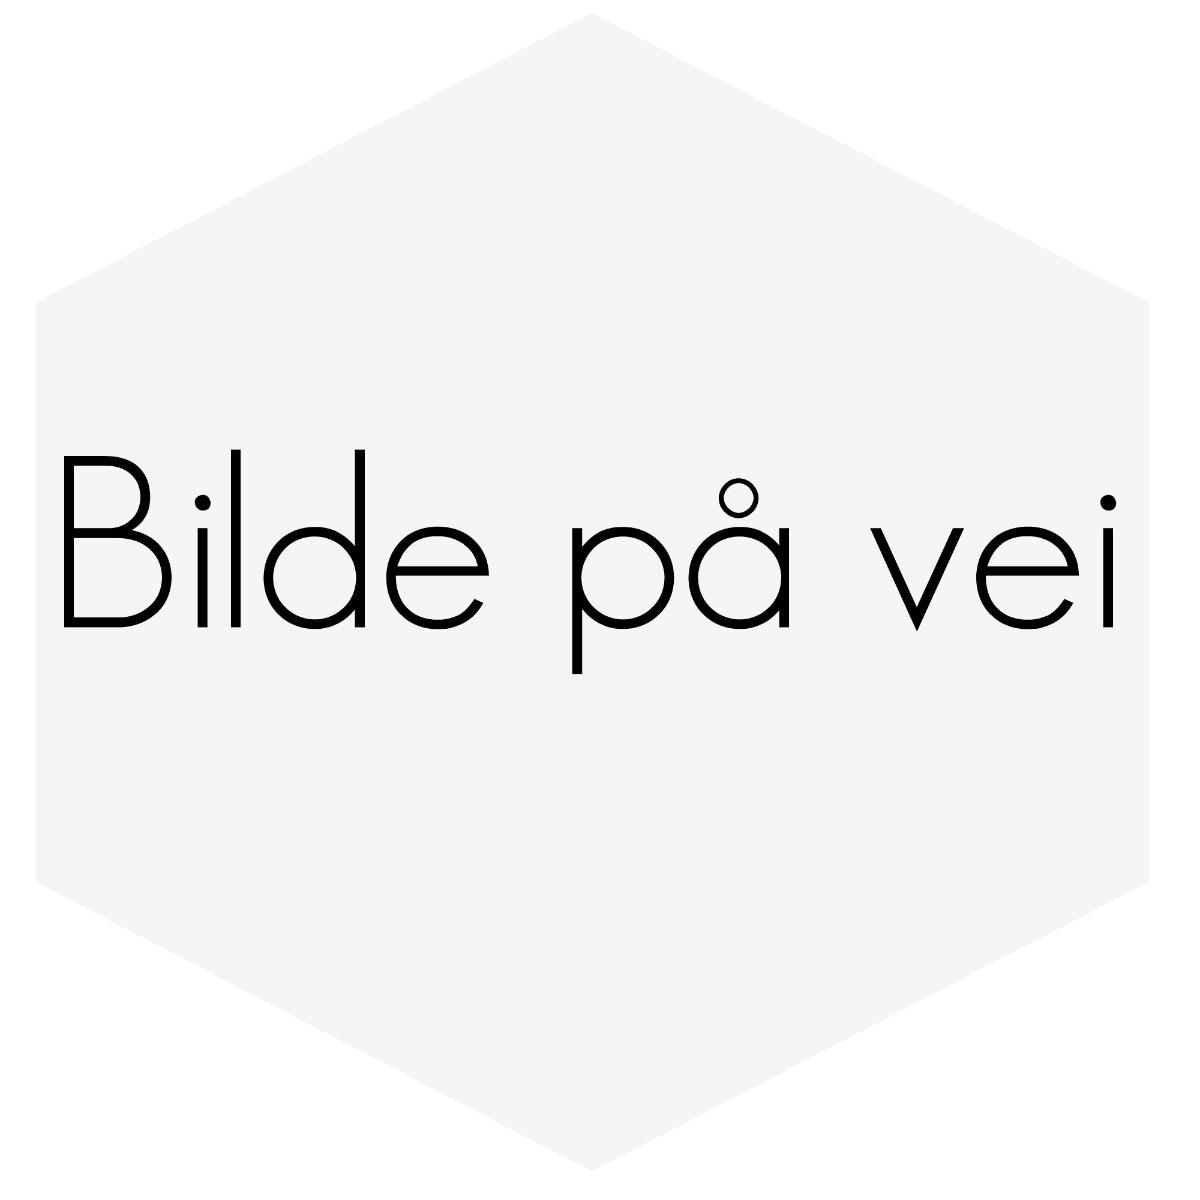 BREMSESKJOLD 700 FORAN .LIK PÅ HØYRE+VENSTRE>881229746